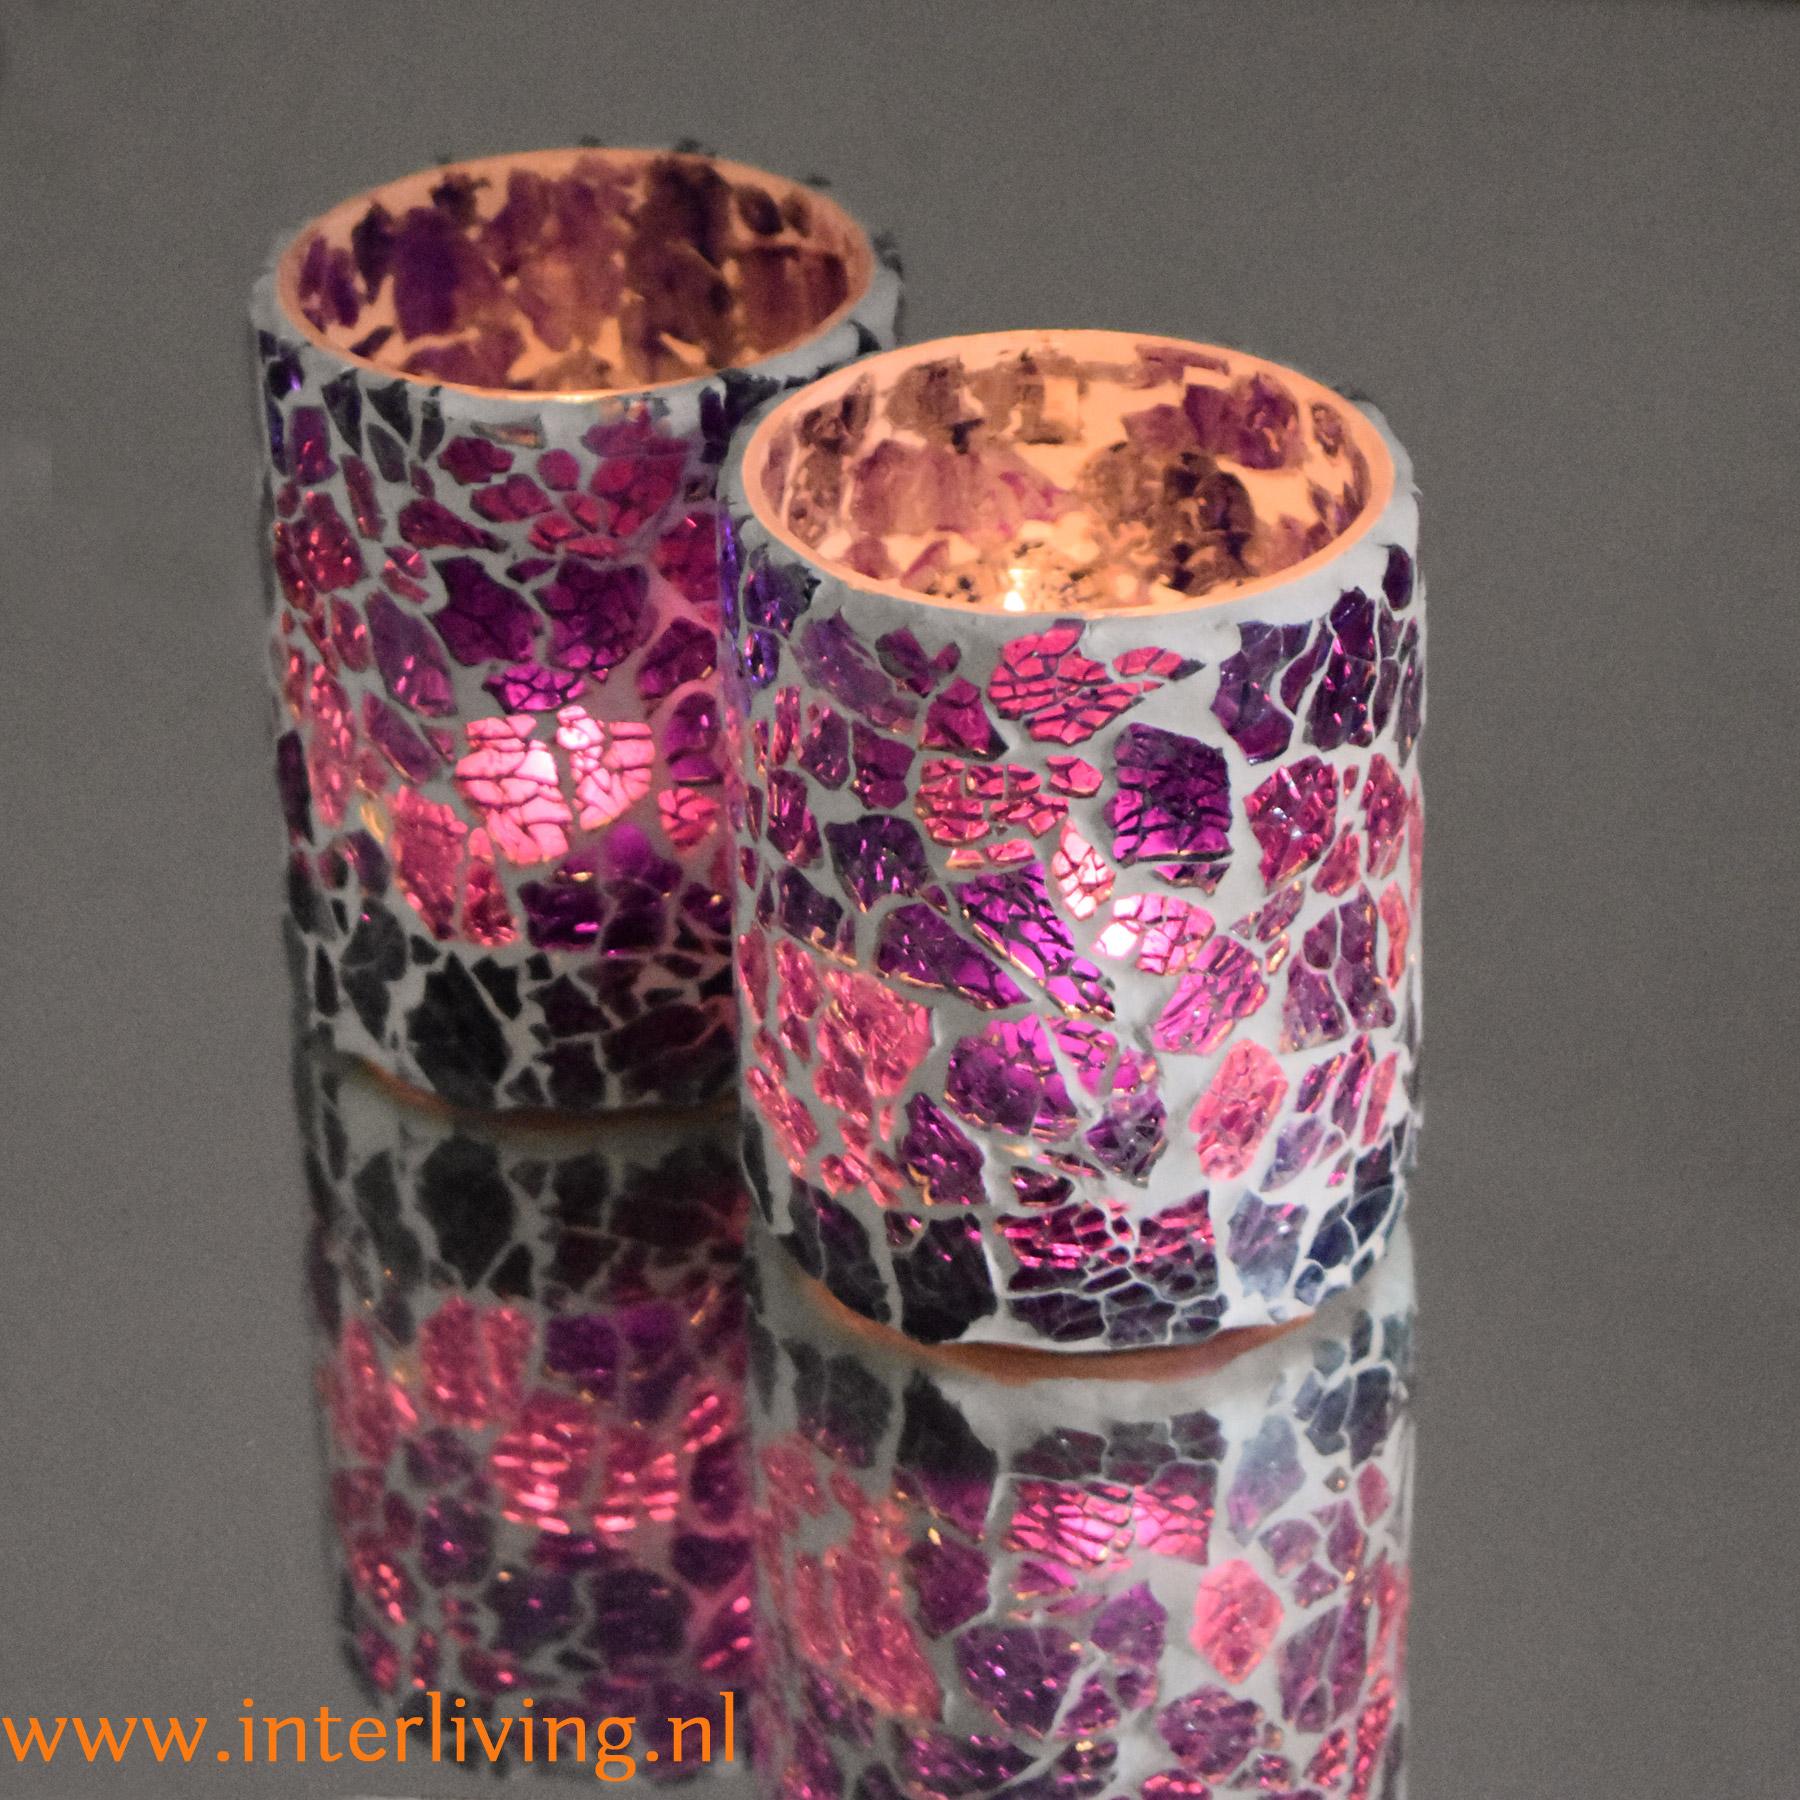 sfeerlichtjes een feestelijk kado - cadeau tip voor Moederdag of verjaardag - crackled stijl glasmozaïek